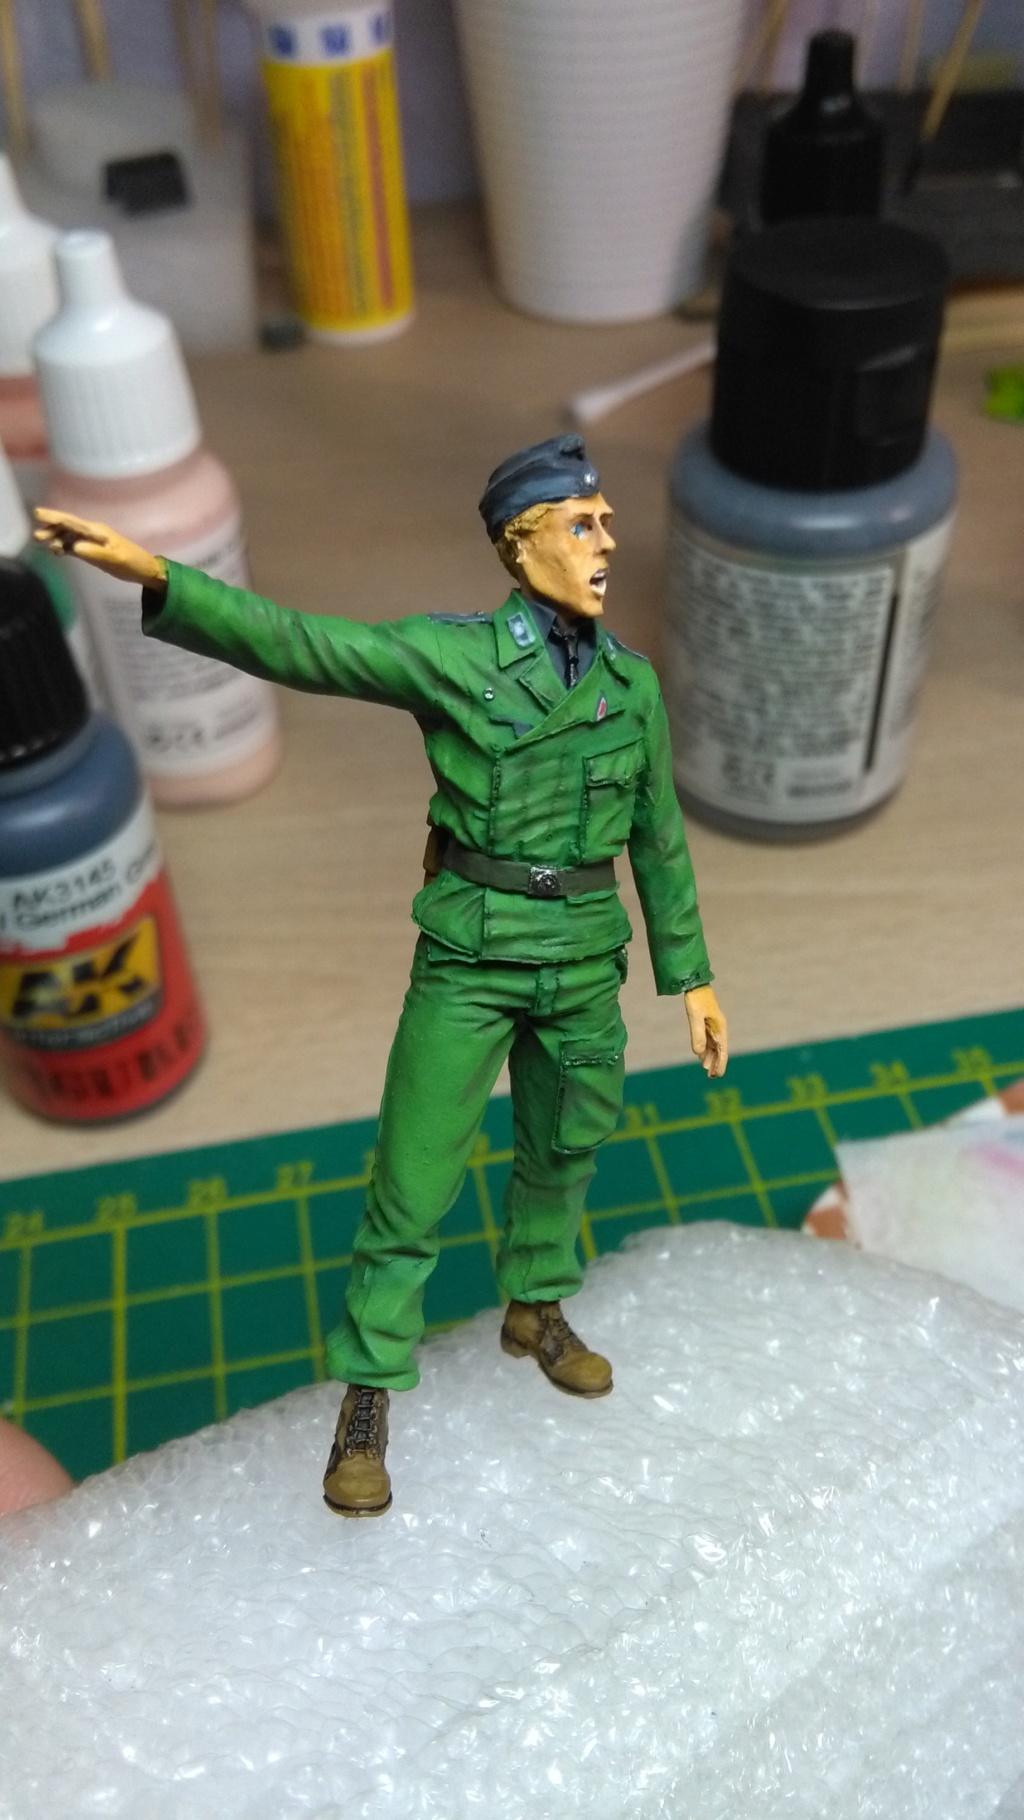 TUTO _ Peindre une figurine à l'acrylique _ 1/35  - Page 7 Img_2242